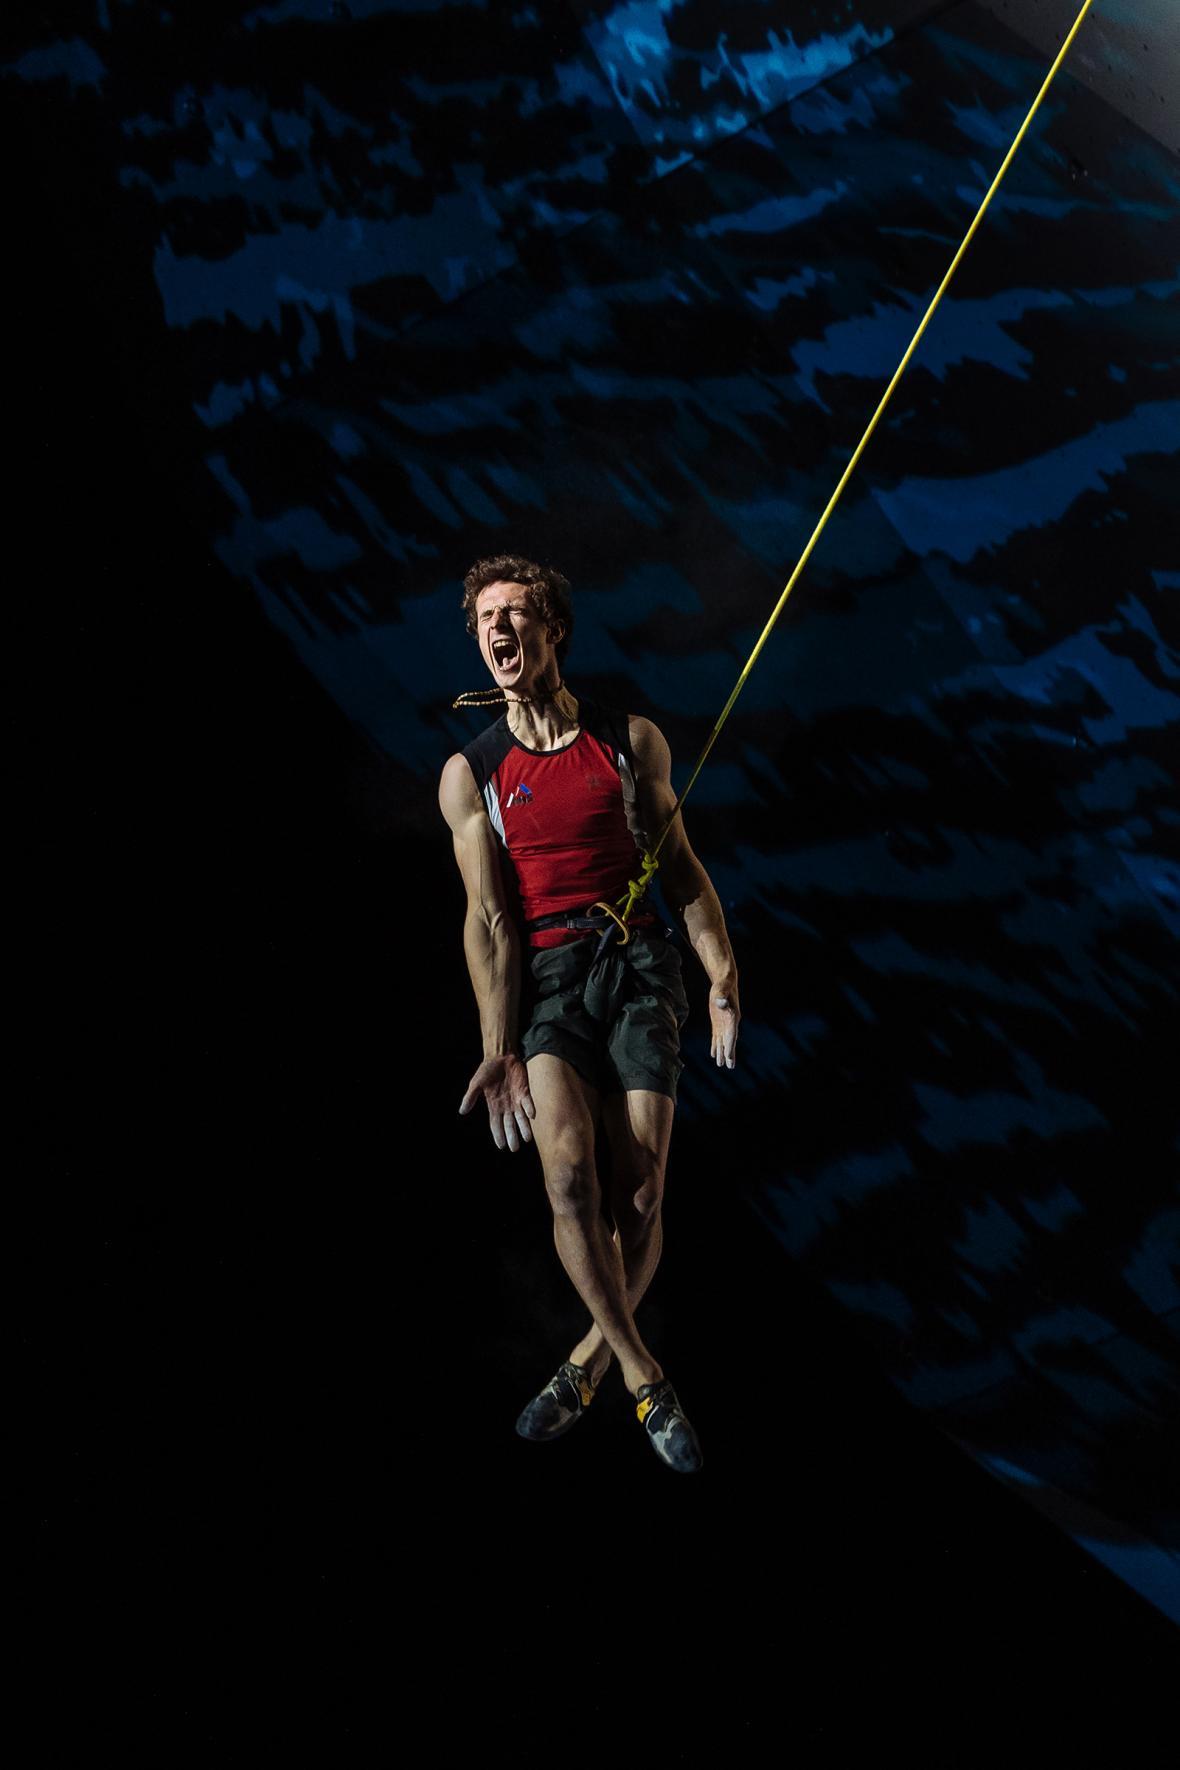 Nominace na vítěznou sérii Czech Press Photo 2018 (Sport): Adam Ondra - Mistrovství světa v lezení 2018